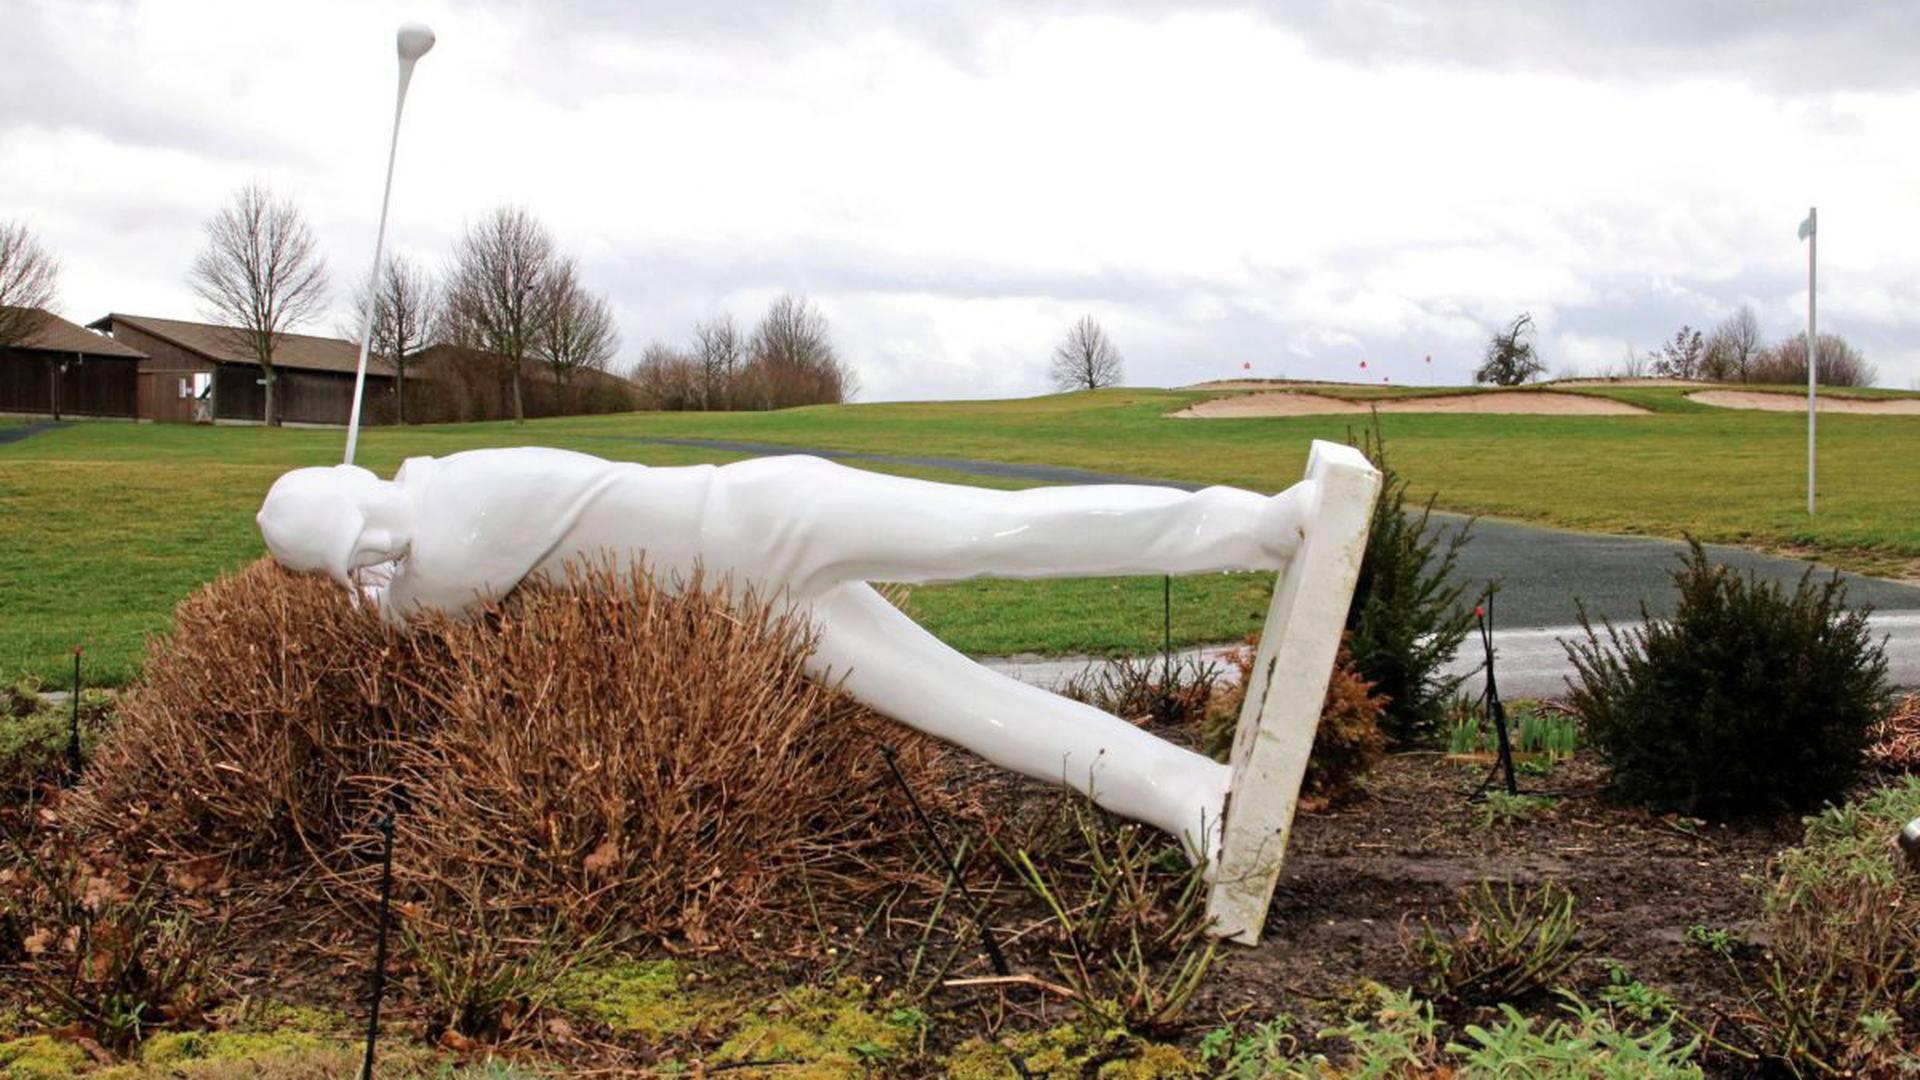 In Schieflage: Der Spielbetrieb beim Golfclub Pforzheim auf dem Karlshäuser Hof geht trotz der Insolvenz des Clubs weiter. Die Zukunft des Vereins ist derzeit jedoch ungewiss. Das Gericht bestimmt einen vorläufigen Insolvenzverwalter, der zunächst alle Entscheidungen trifft. Der Vorstand steht ihm beratend zur Seite.